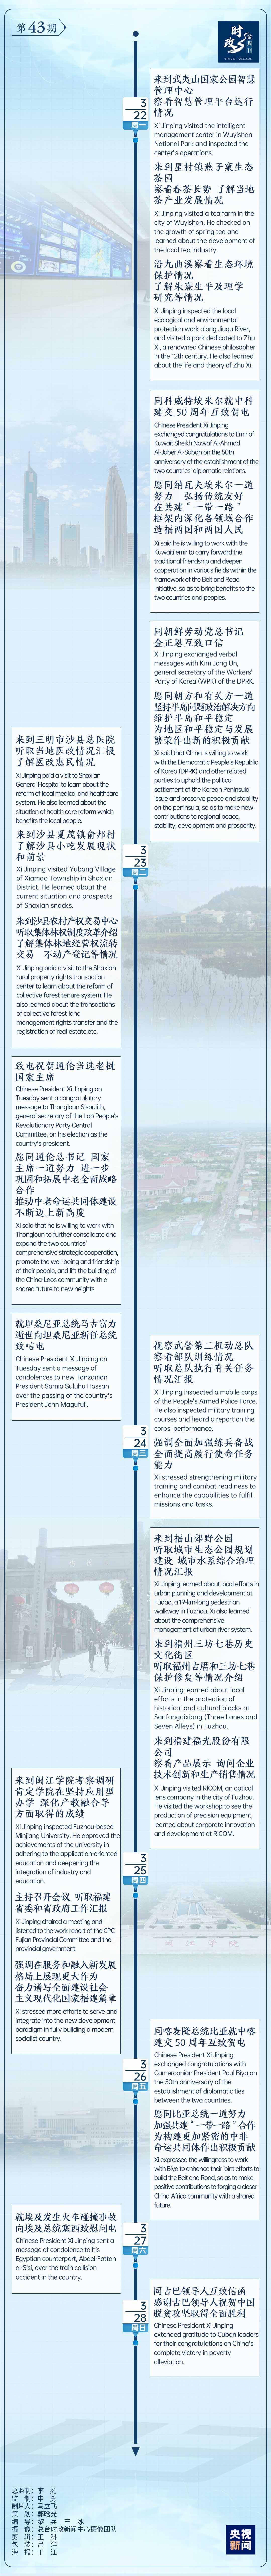 时政微周刊丨总书记的一周(3月22日—3月28日)